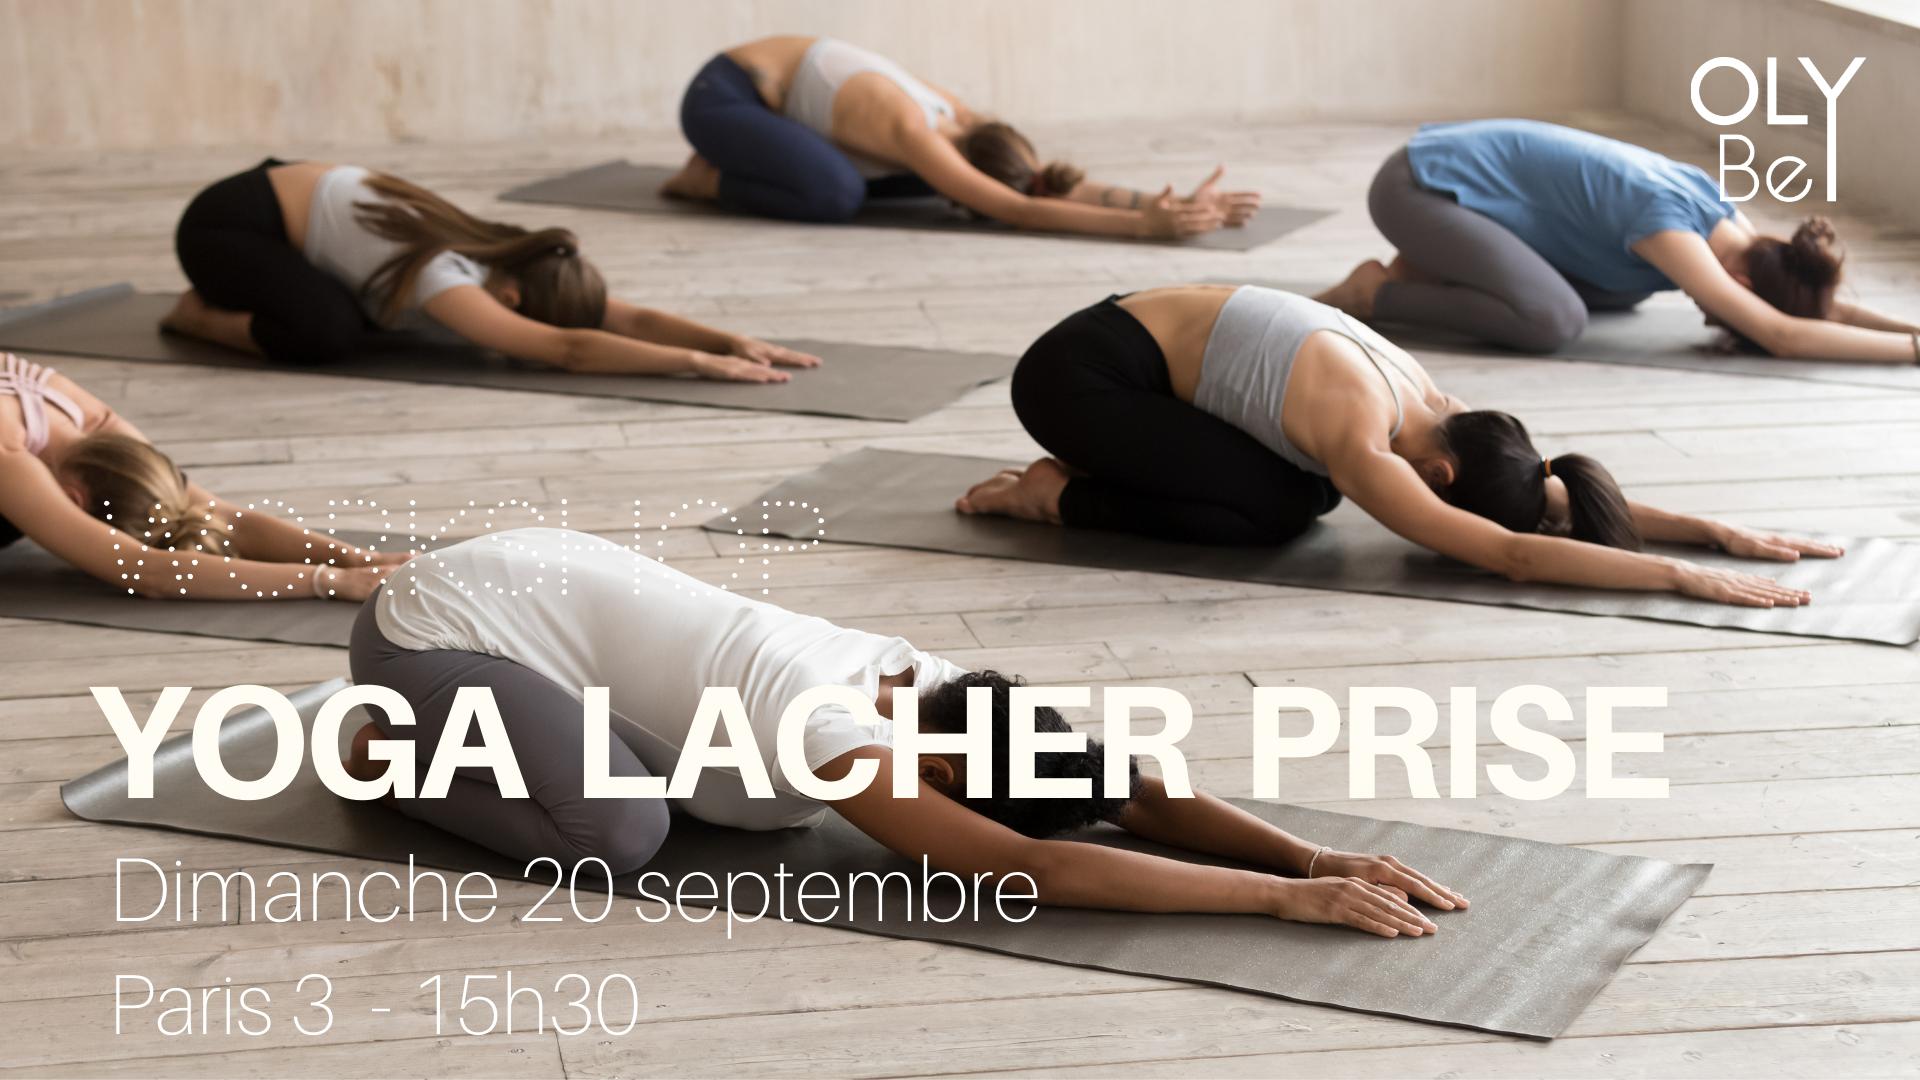 DIMANCHE 20 SEPTEMBRE - De 15h30 à 17h30 chez Yoga Searcher - Paris 3Avec notre professeure certifiée, Laure.Infos & Réservations sur l'app ! 📲